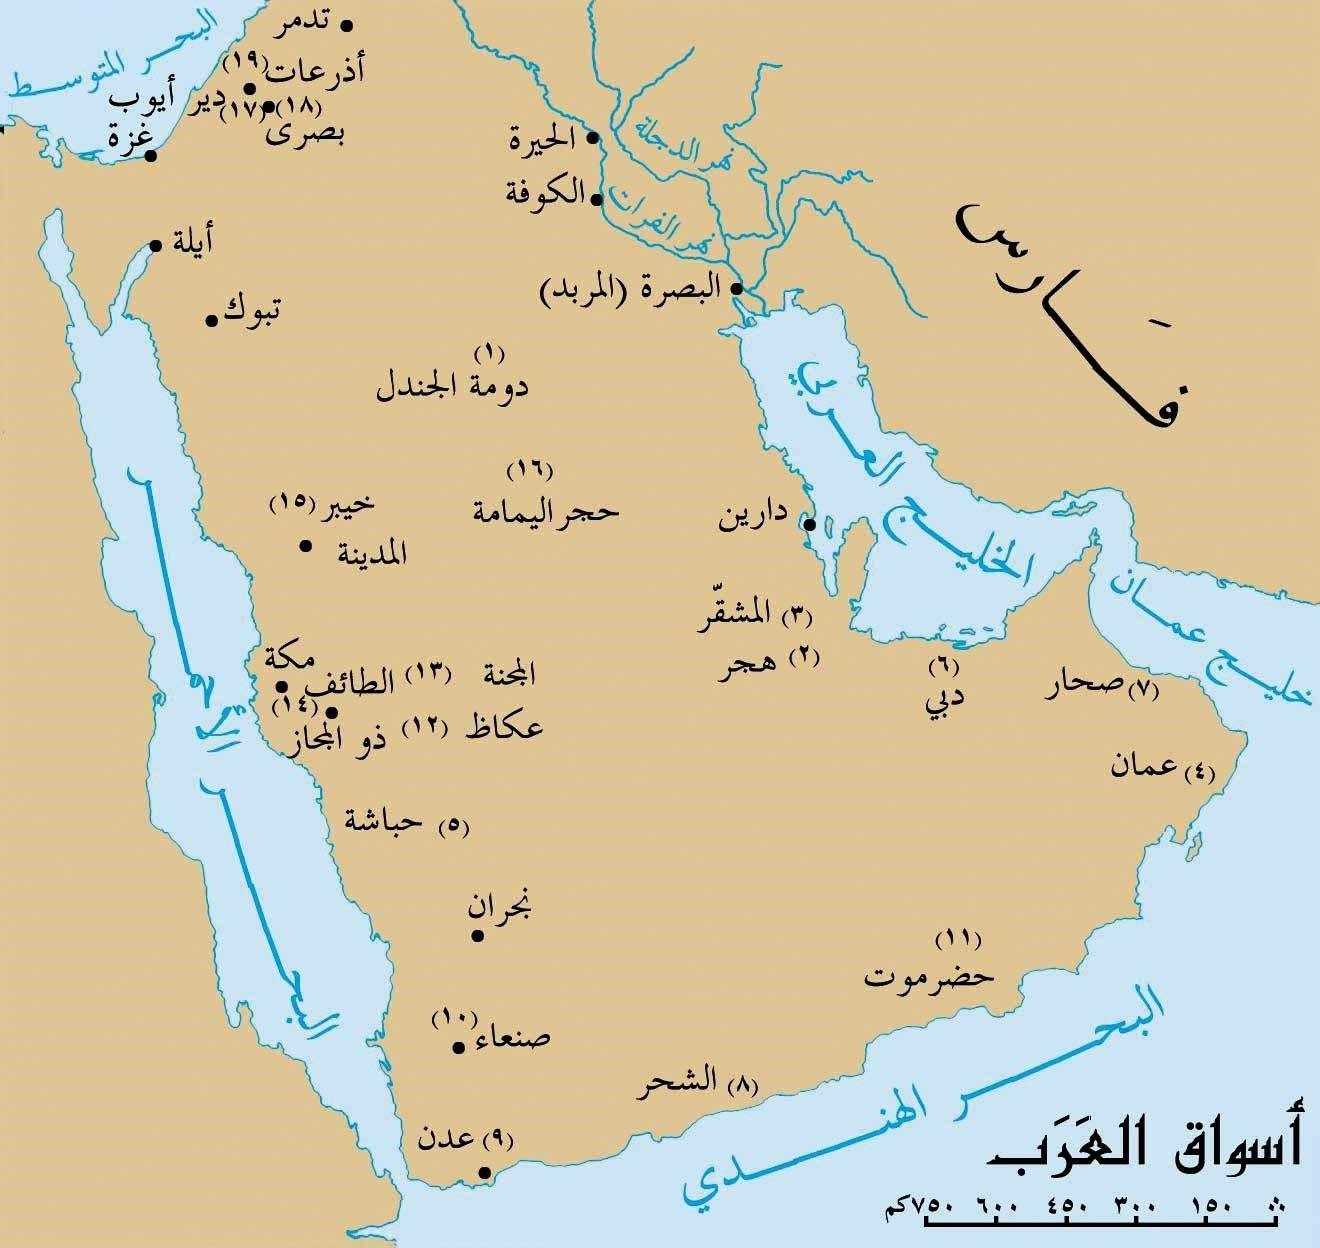 اسواق العرب في الجاهلية والاسلام Map History Map Screenshot